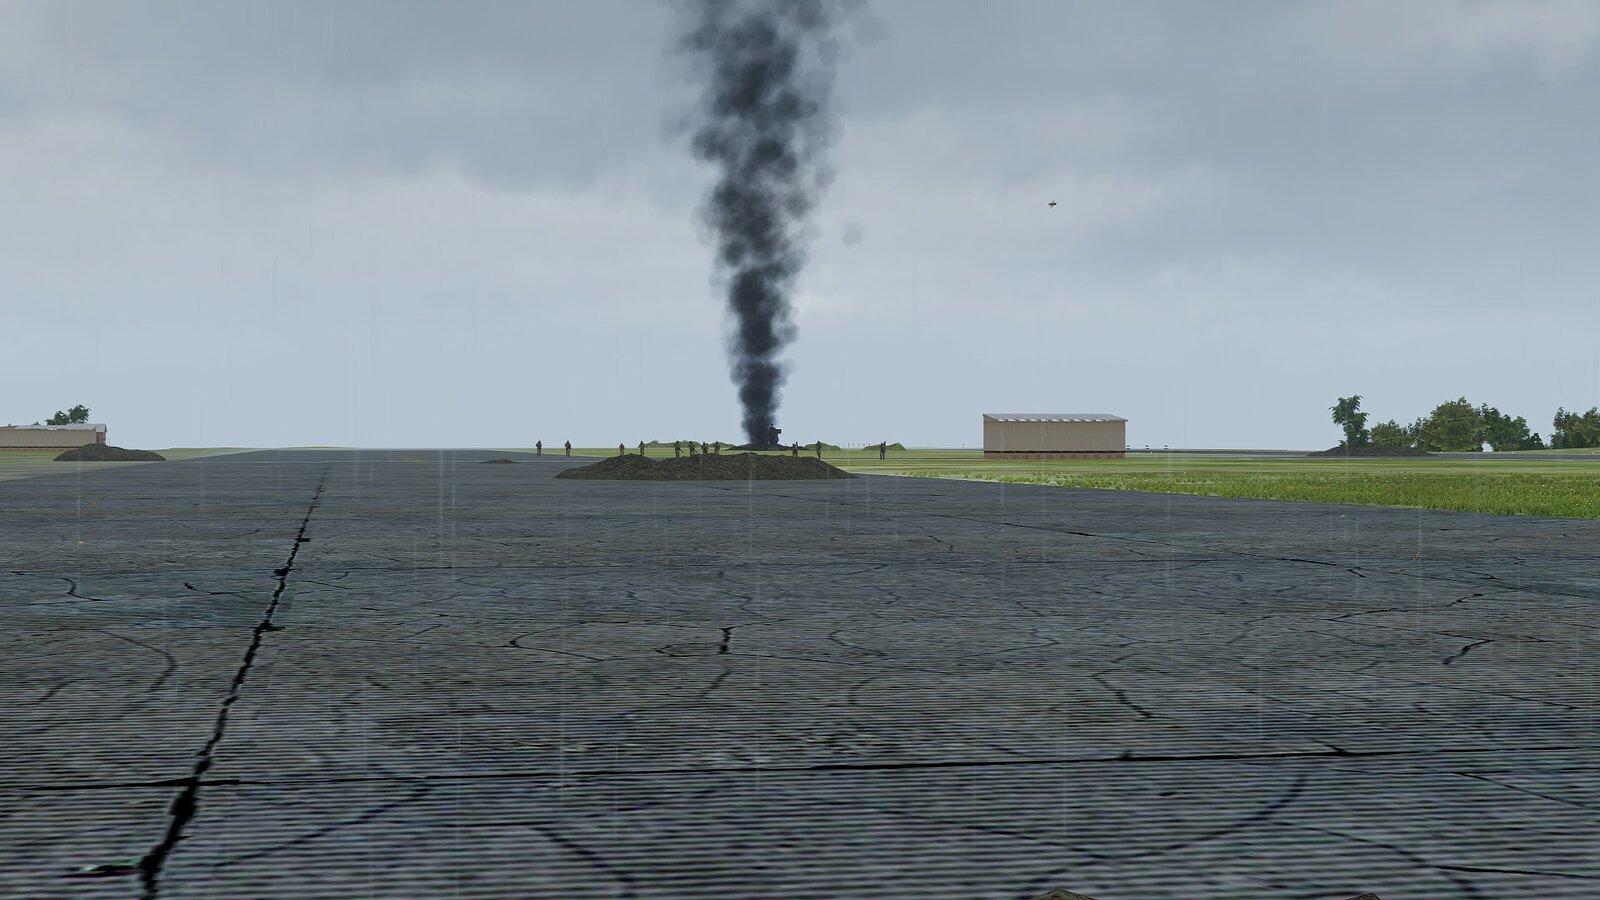 Angriff auf das Flugfeld